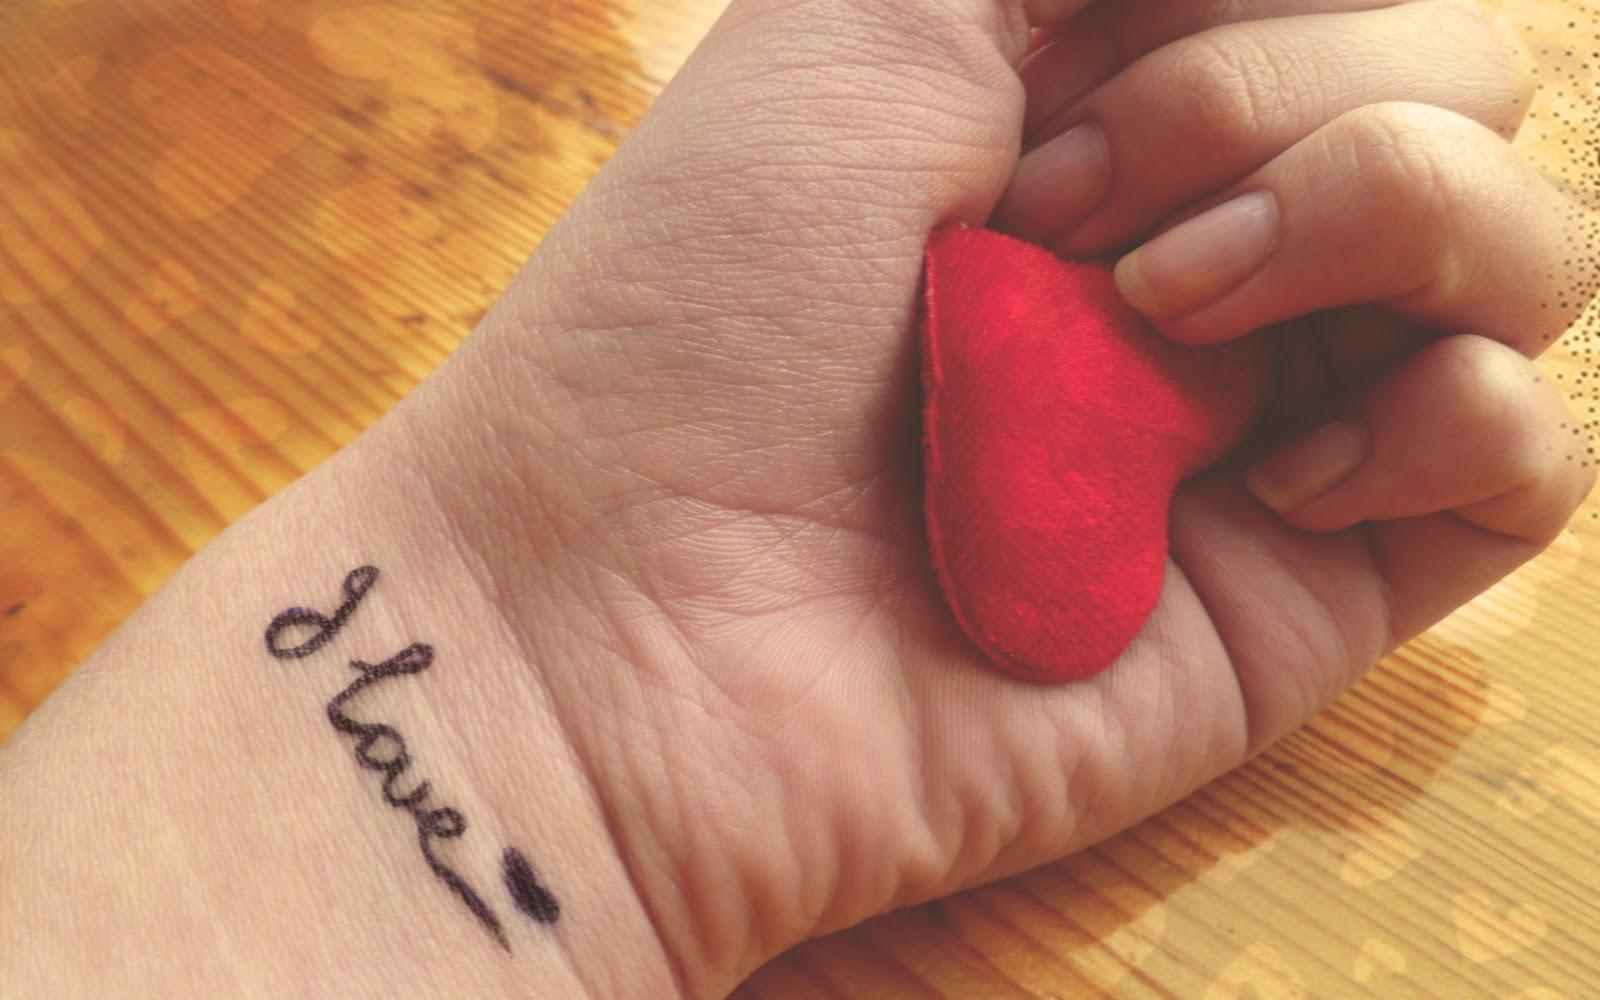 حالات واتس عن الحب أكثر من 100 حالة جميلة وراقية